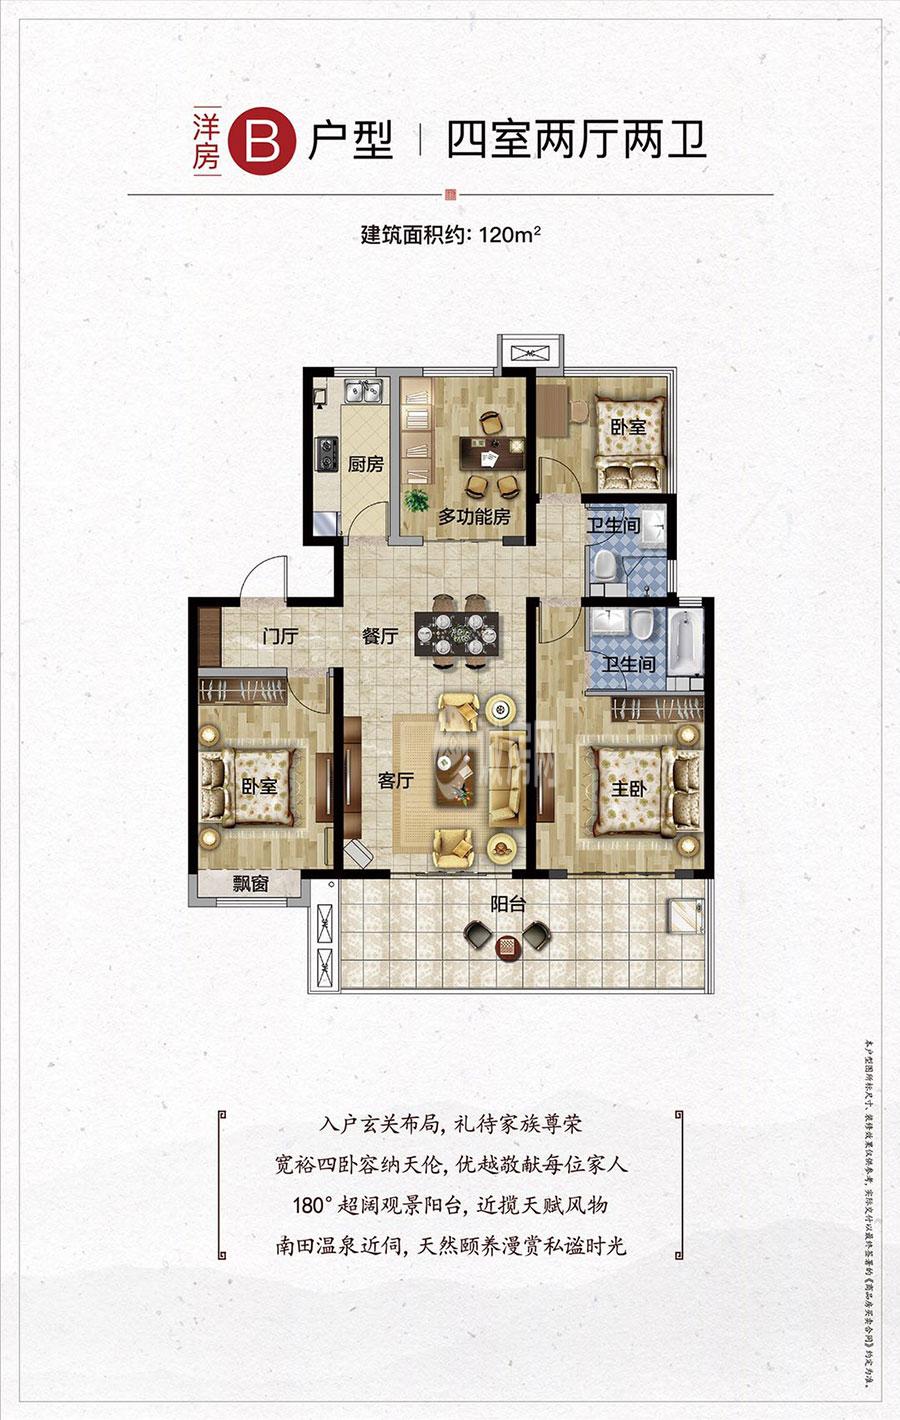 和泓海棠府4室2厅2卫 (建筑面积:120.00㎡)